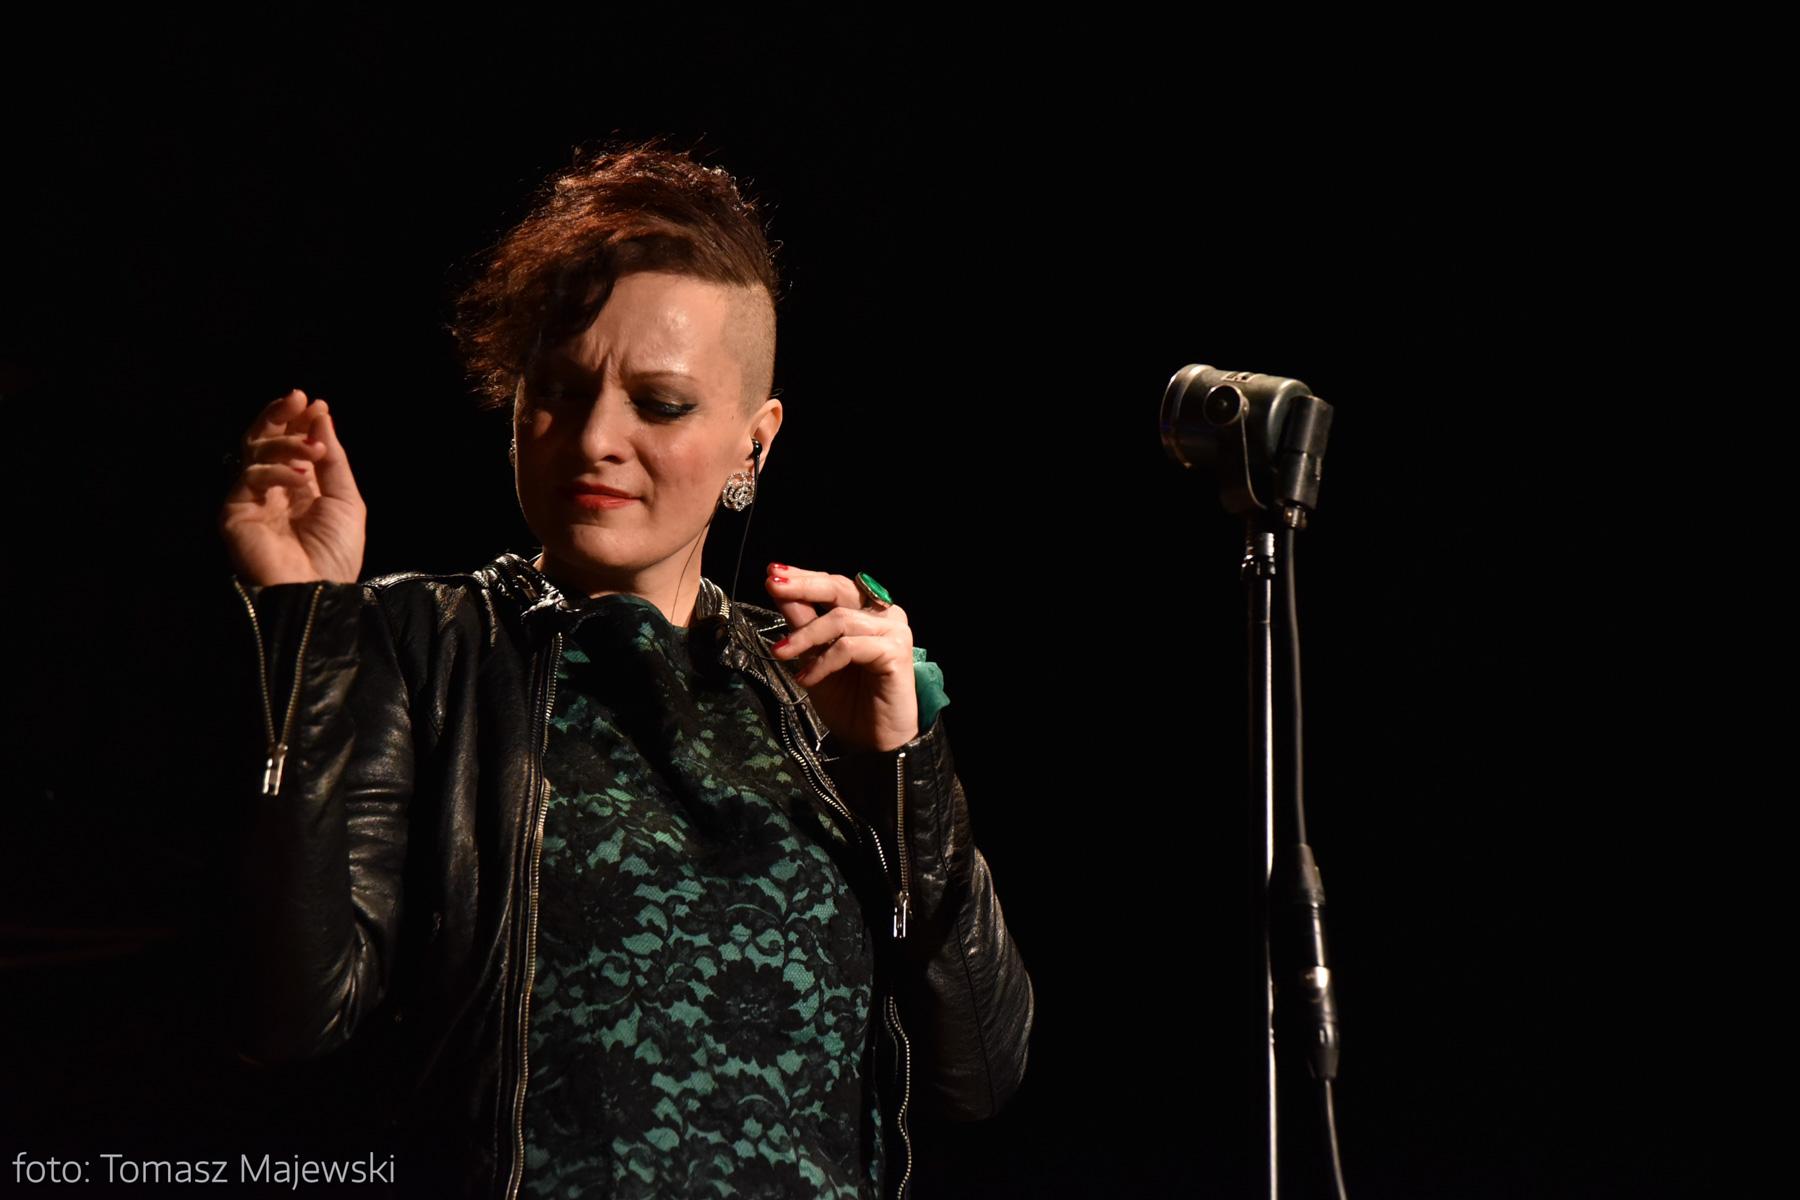 Lucy w repertuarze Edith - koncert w studiu nagraniowym Radia Koszalin